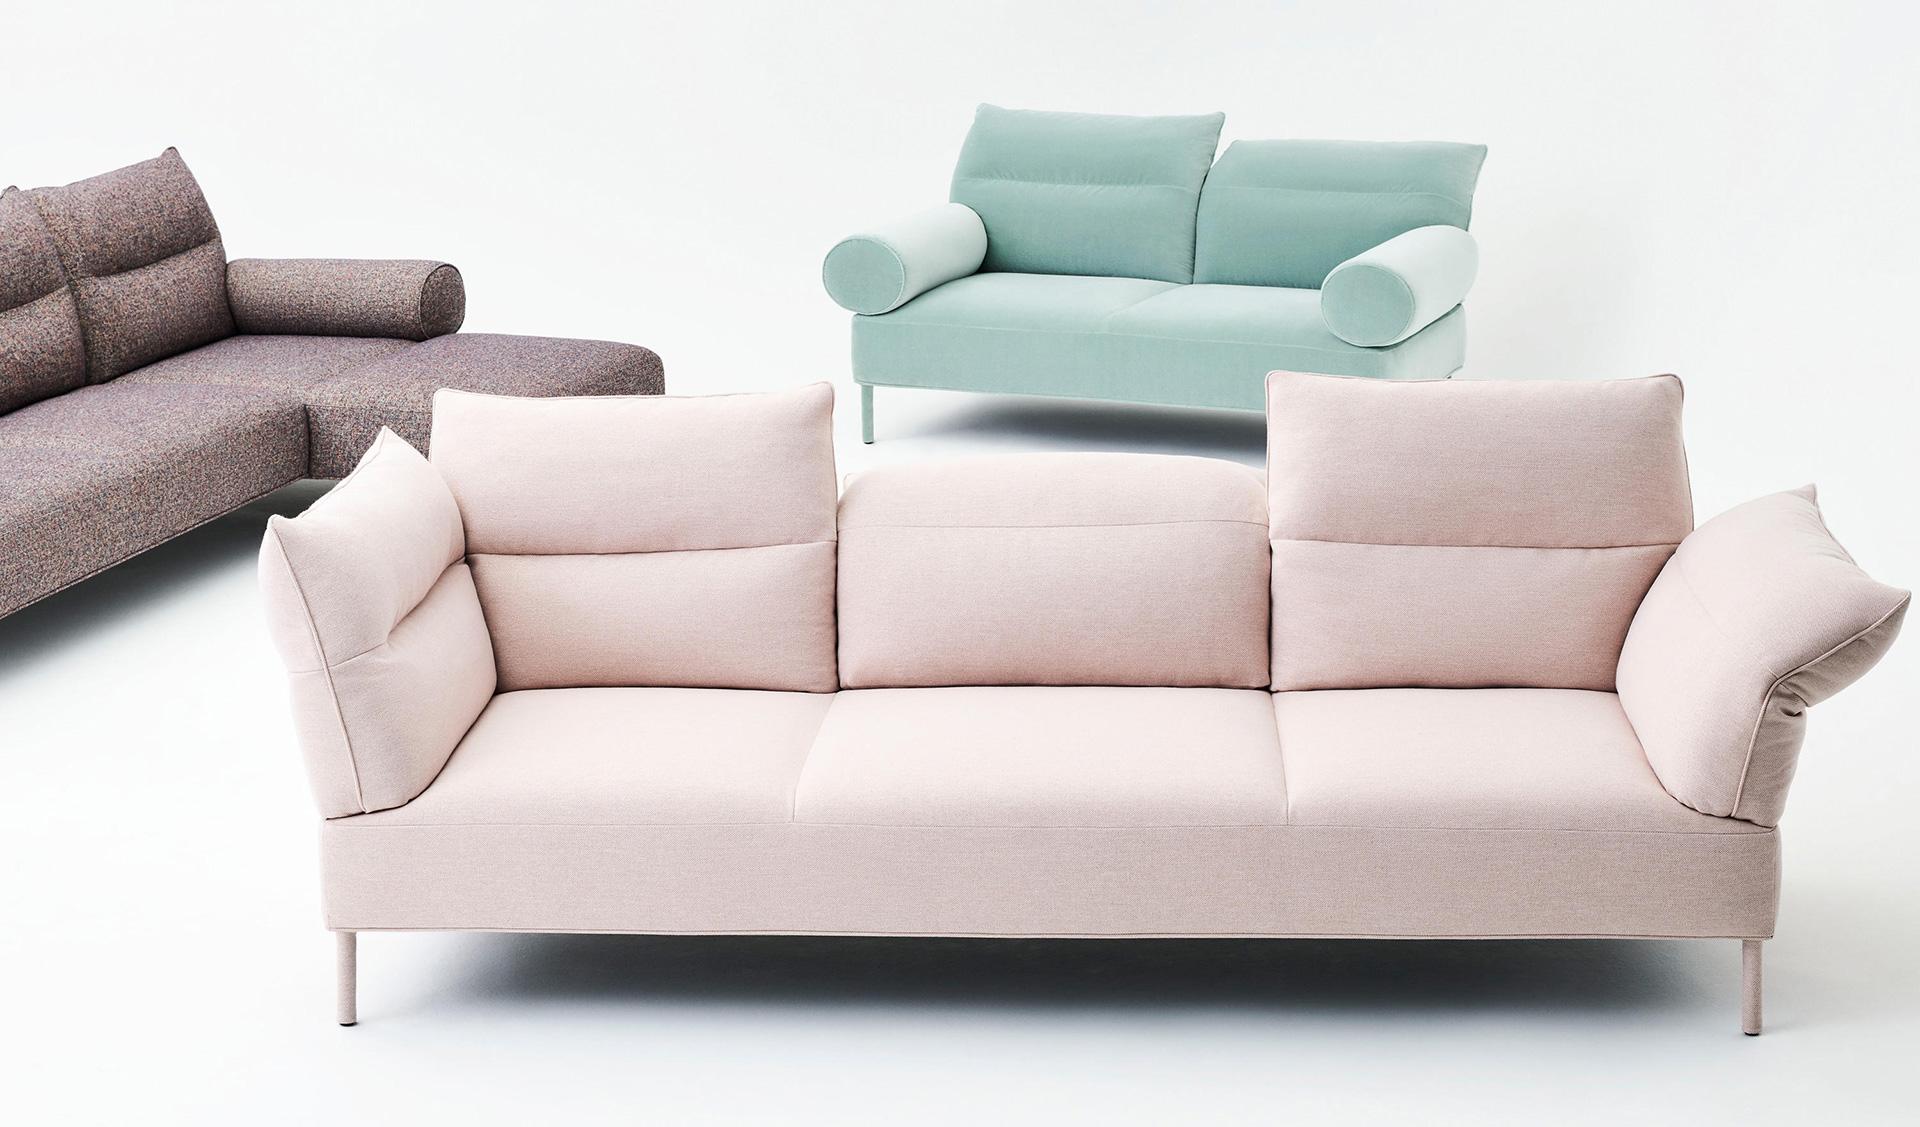 Тренды 2020/2021: модульная мебель Инги Семпе